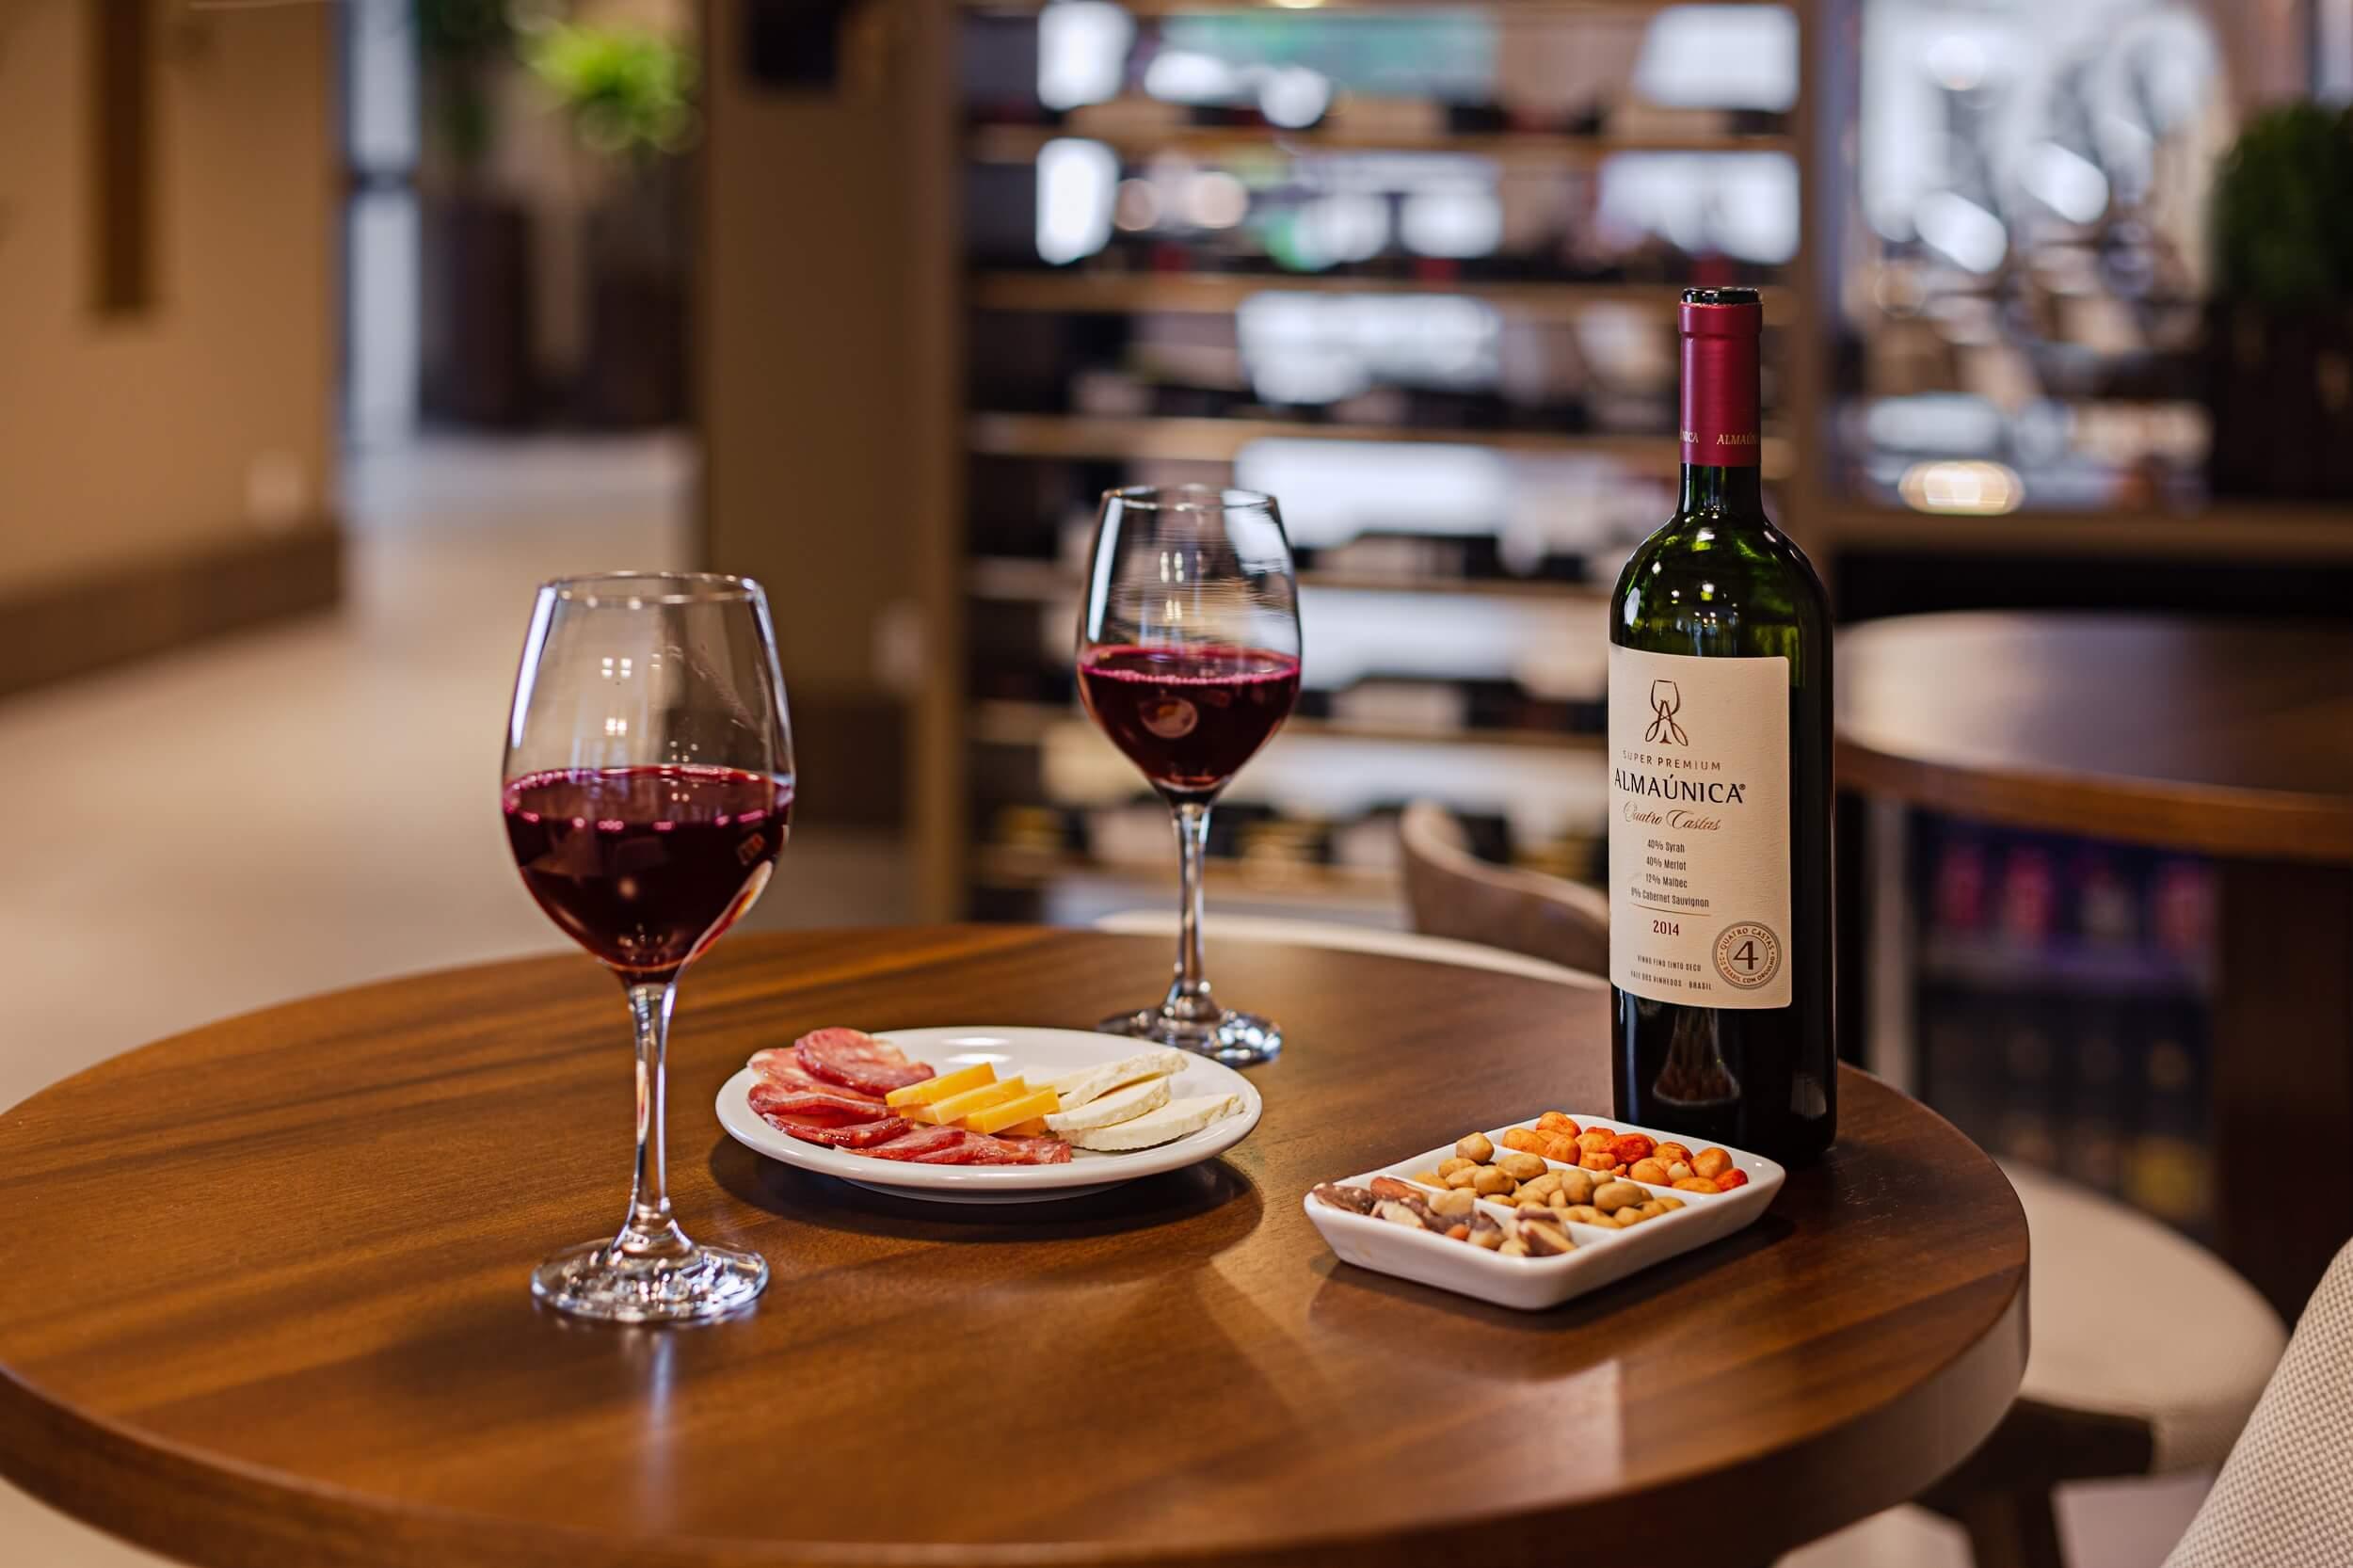 Vinhos Hotel Fioreze Primo